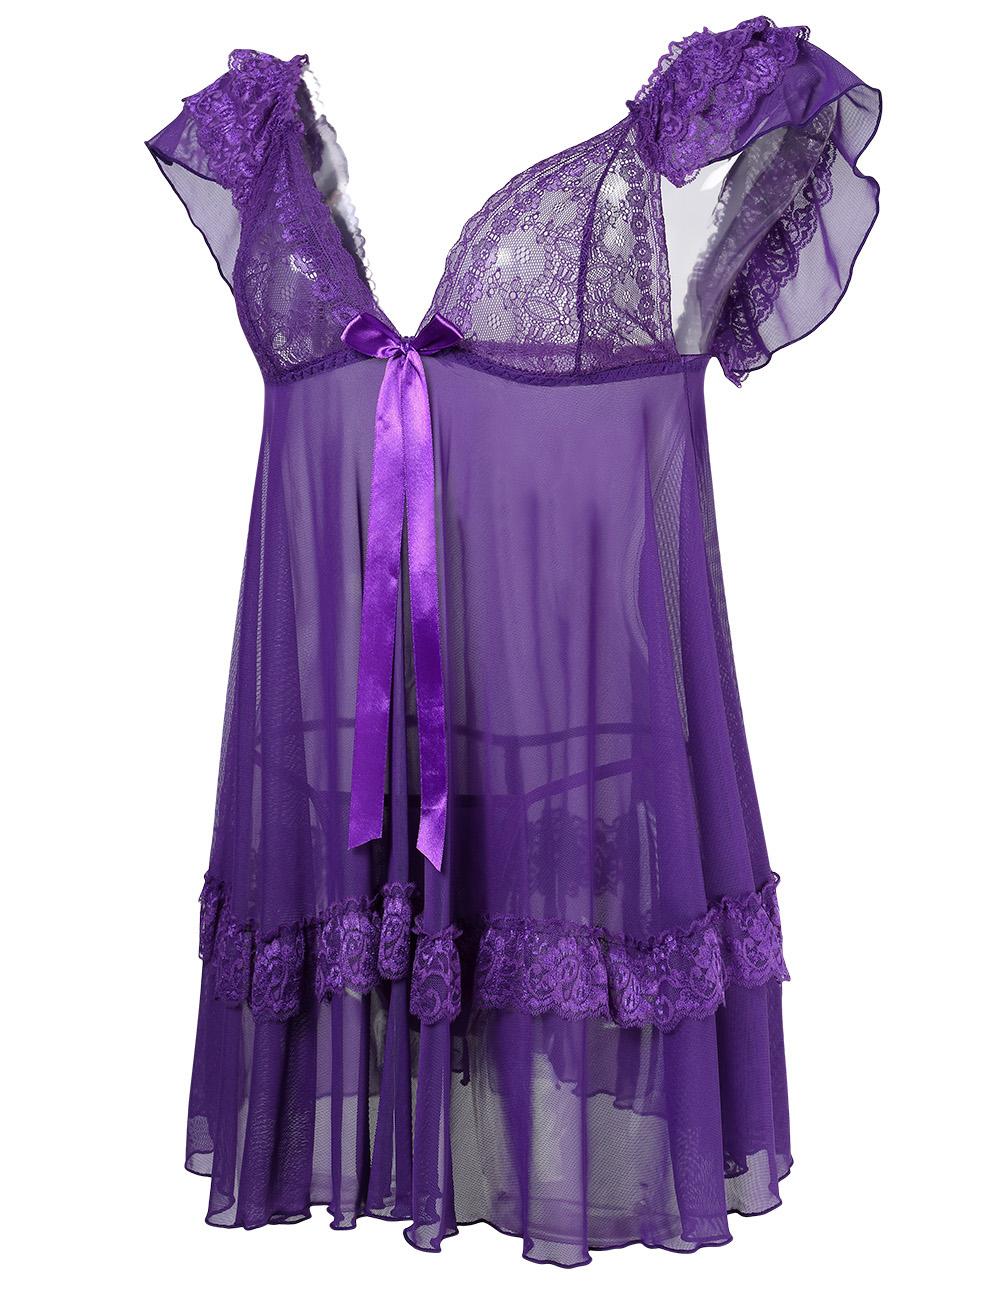 lace lingerie dress - photo #33